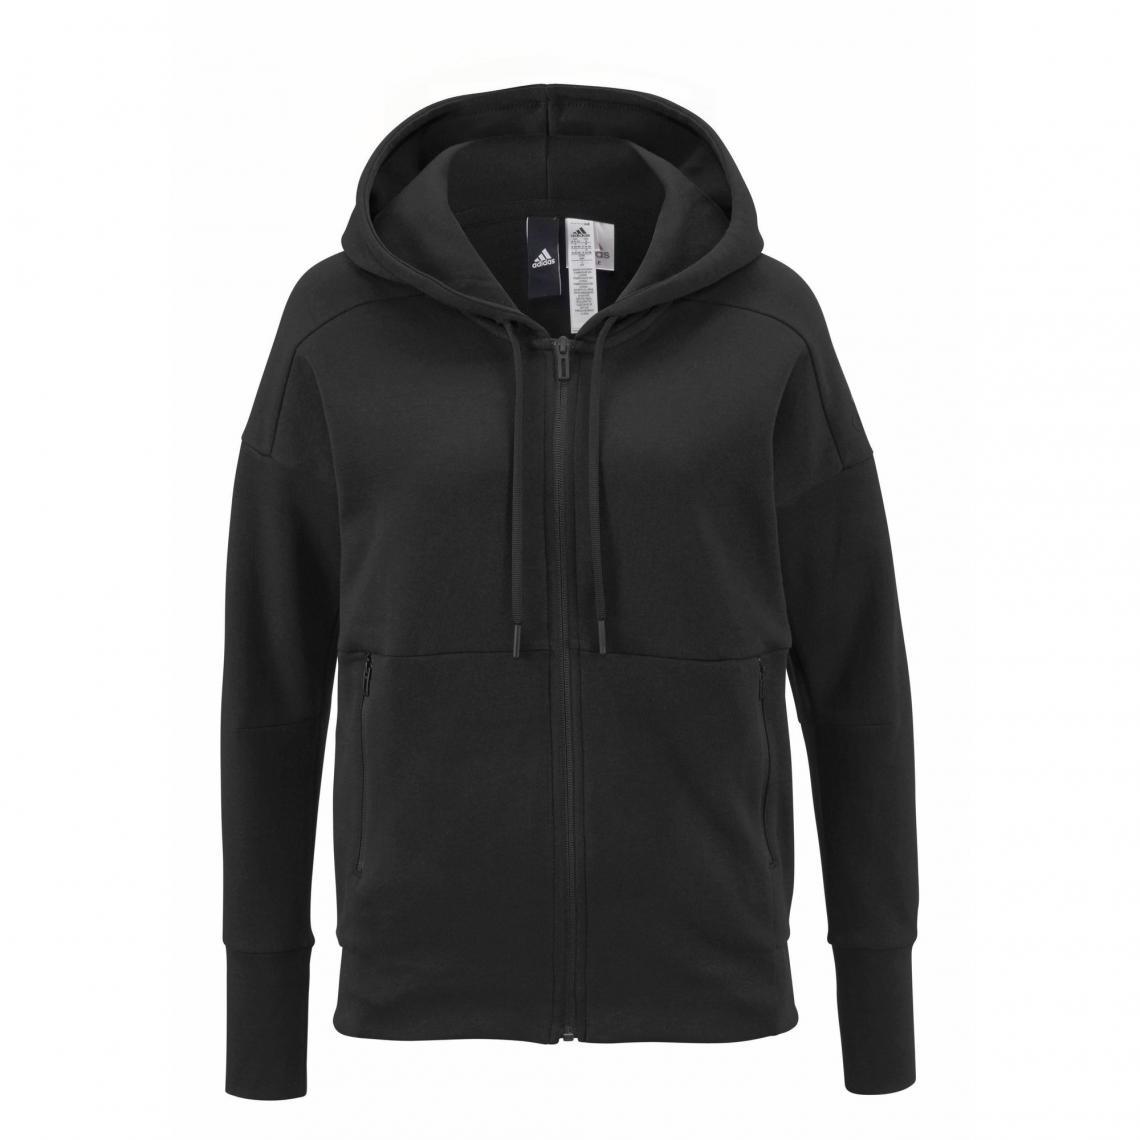 6c3194ba16 Sweat zippé manches longues à capuche femme ID Stadium adidas Performance -  Noir Adidas Performance